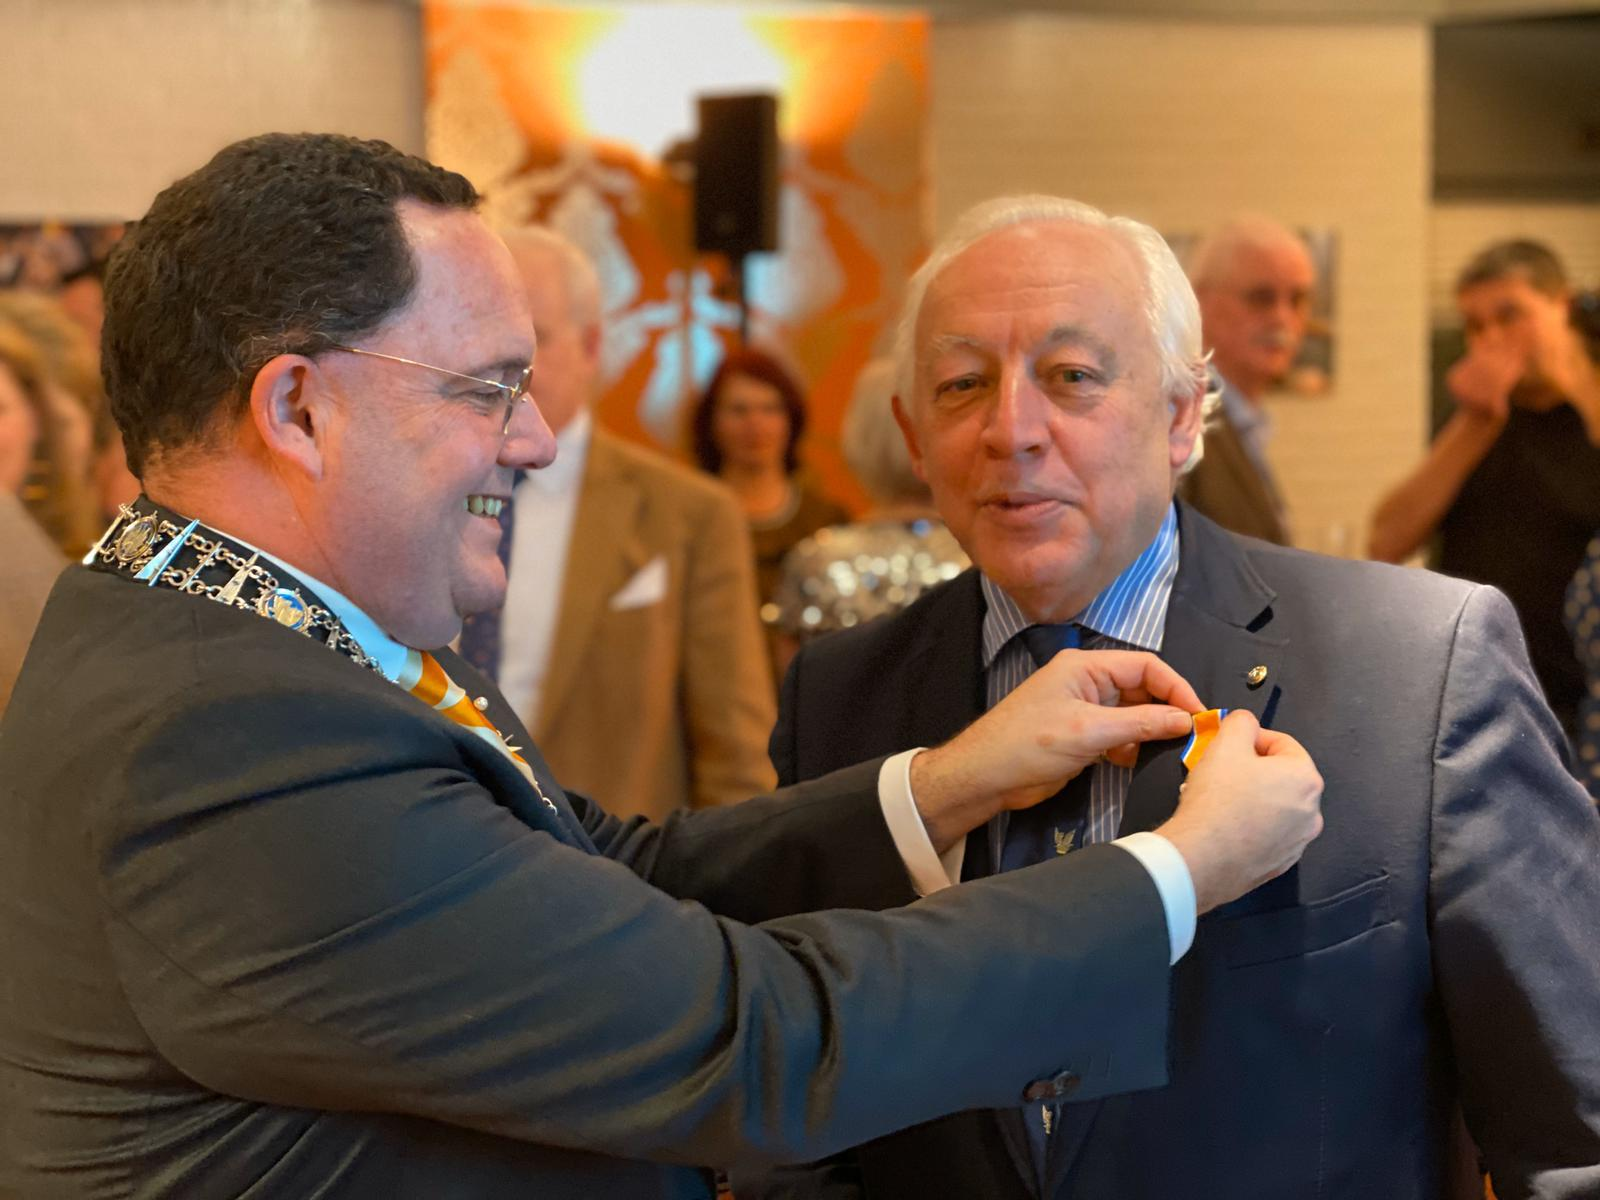 Jean krijgt het lintje opgespeld door burgemeester R.J. van de Mortel